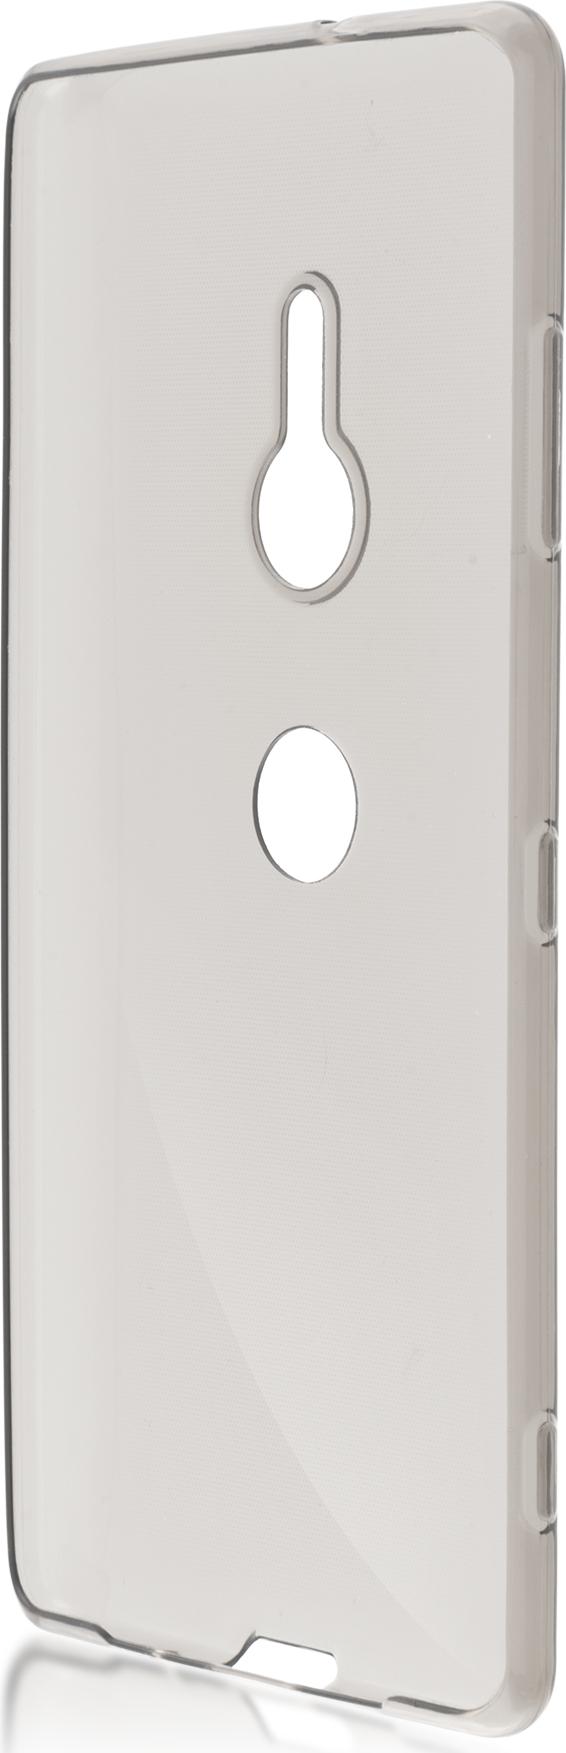 Чехол Brosco TPU для Sony Xperia XZ3, черный